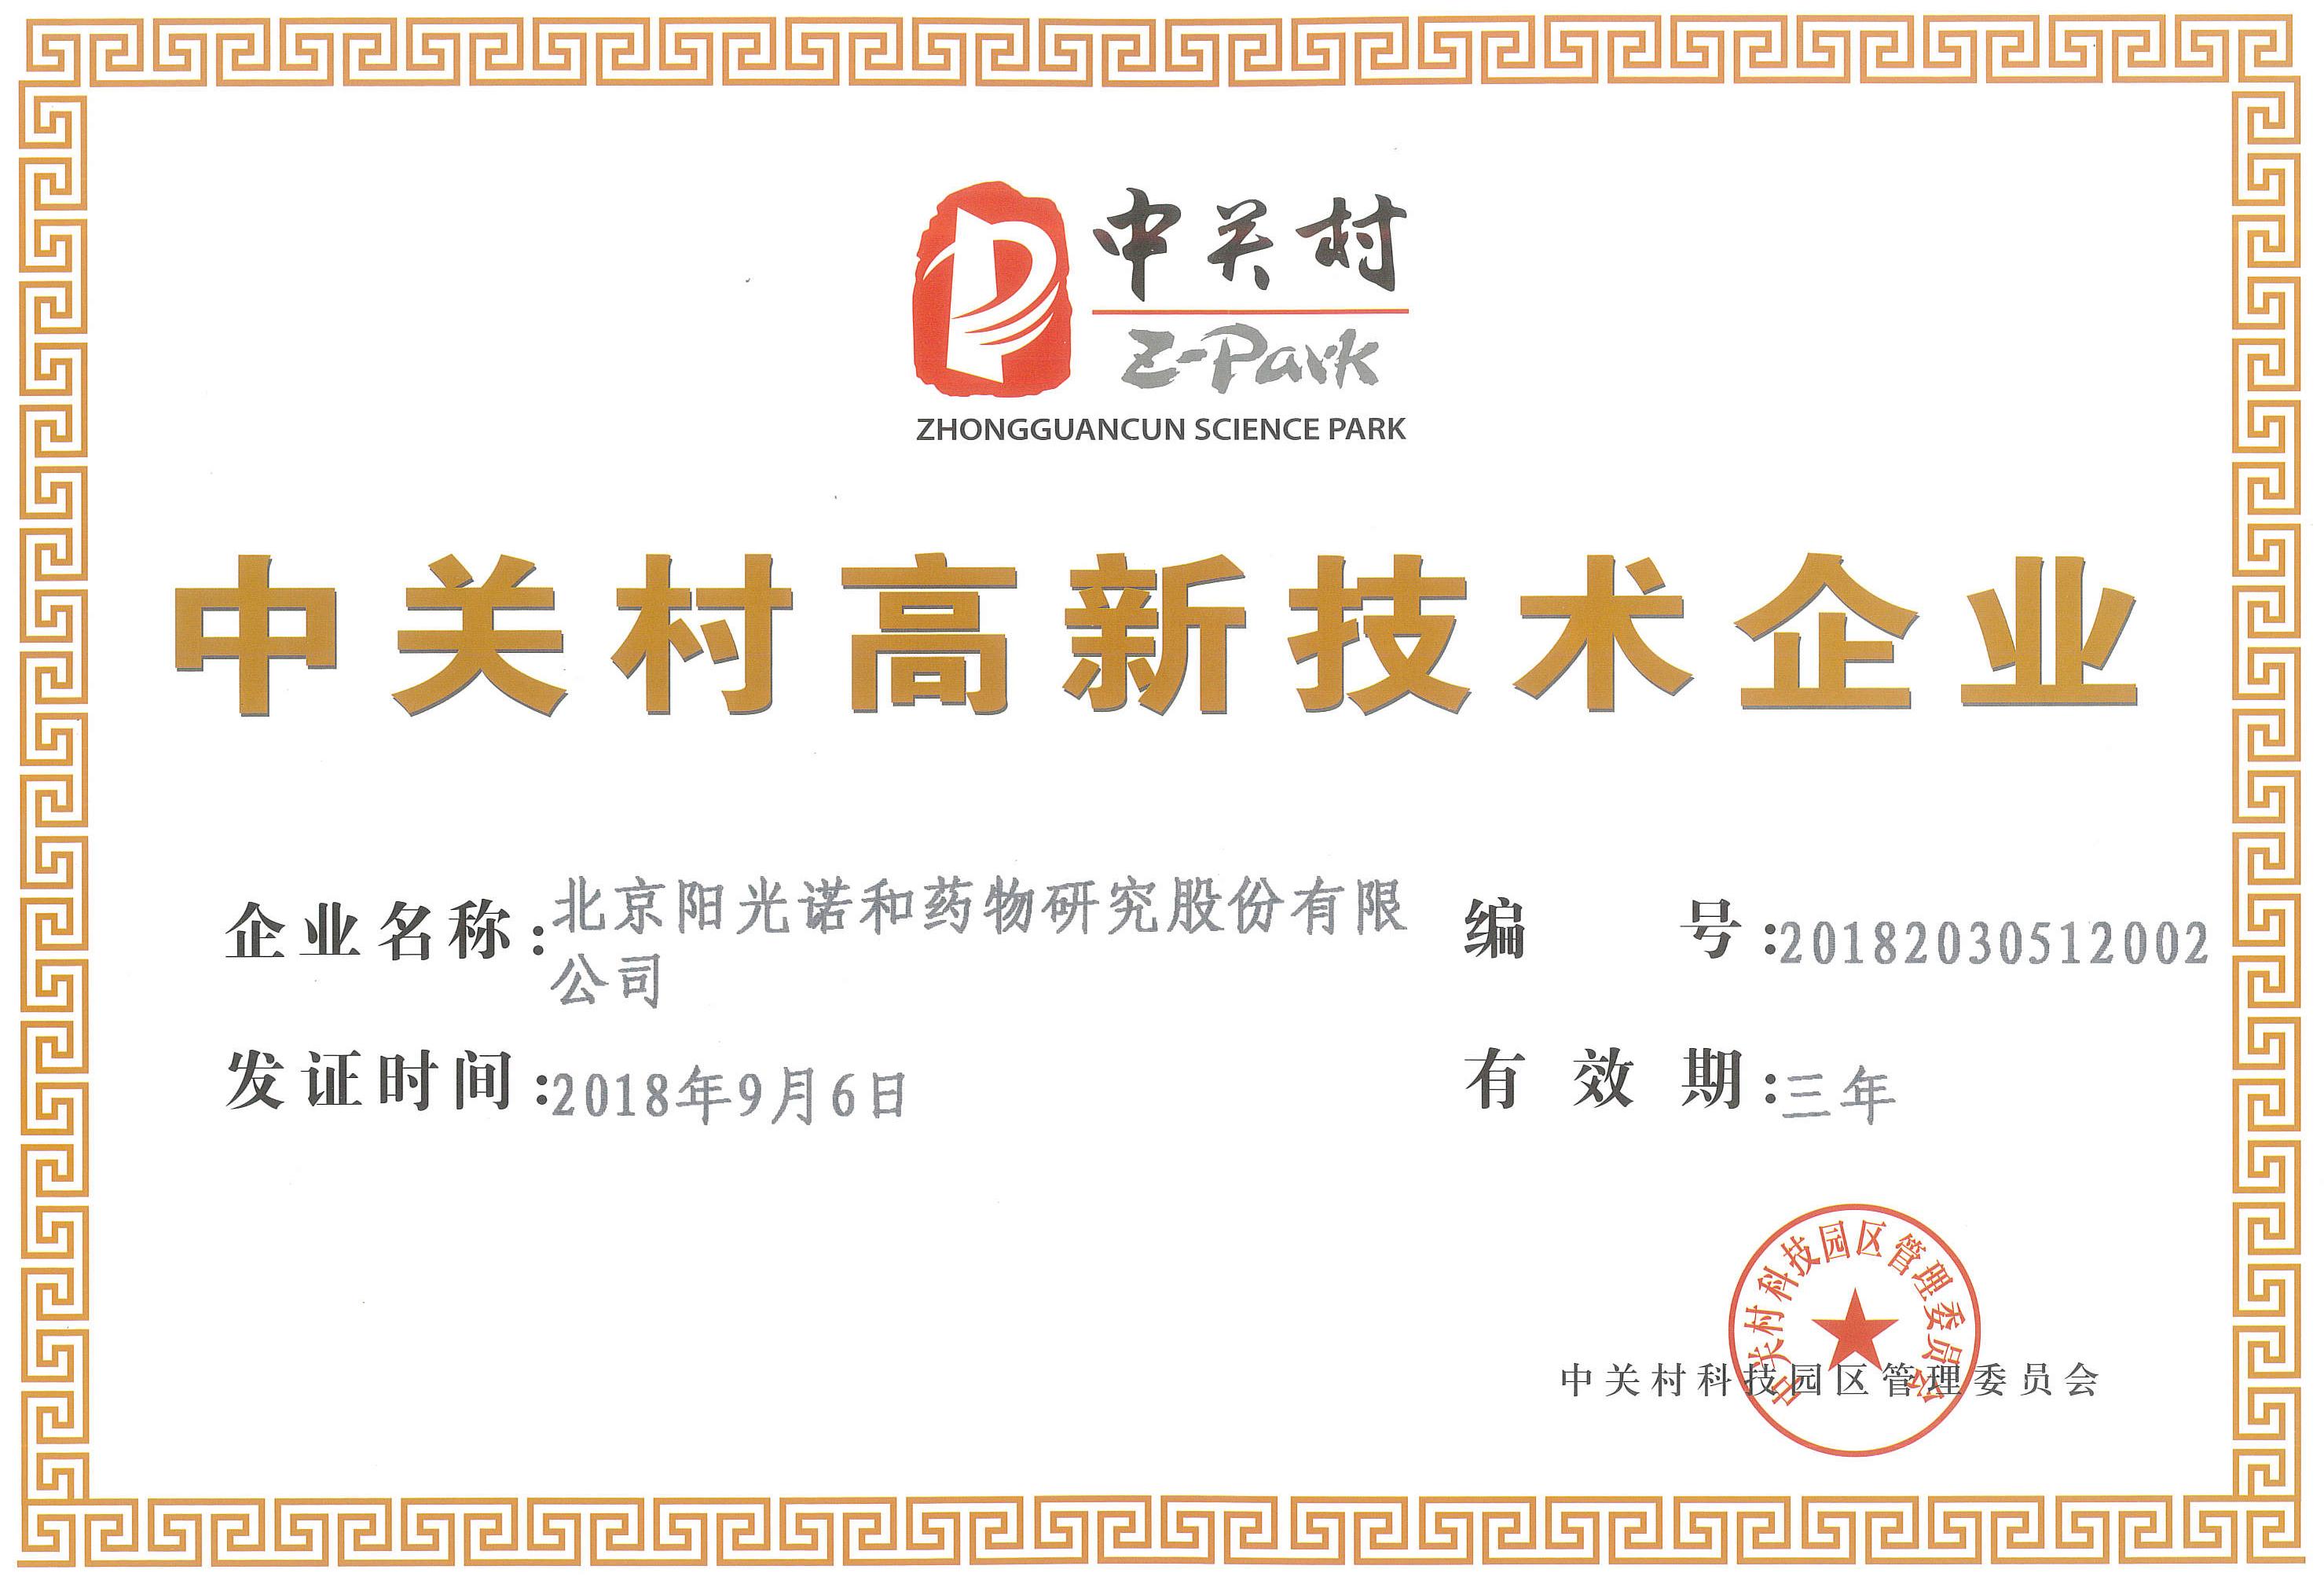 諾和-中關村高新技術企業2018